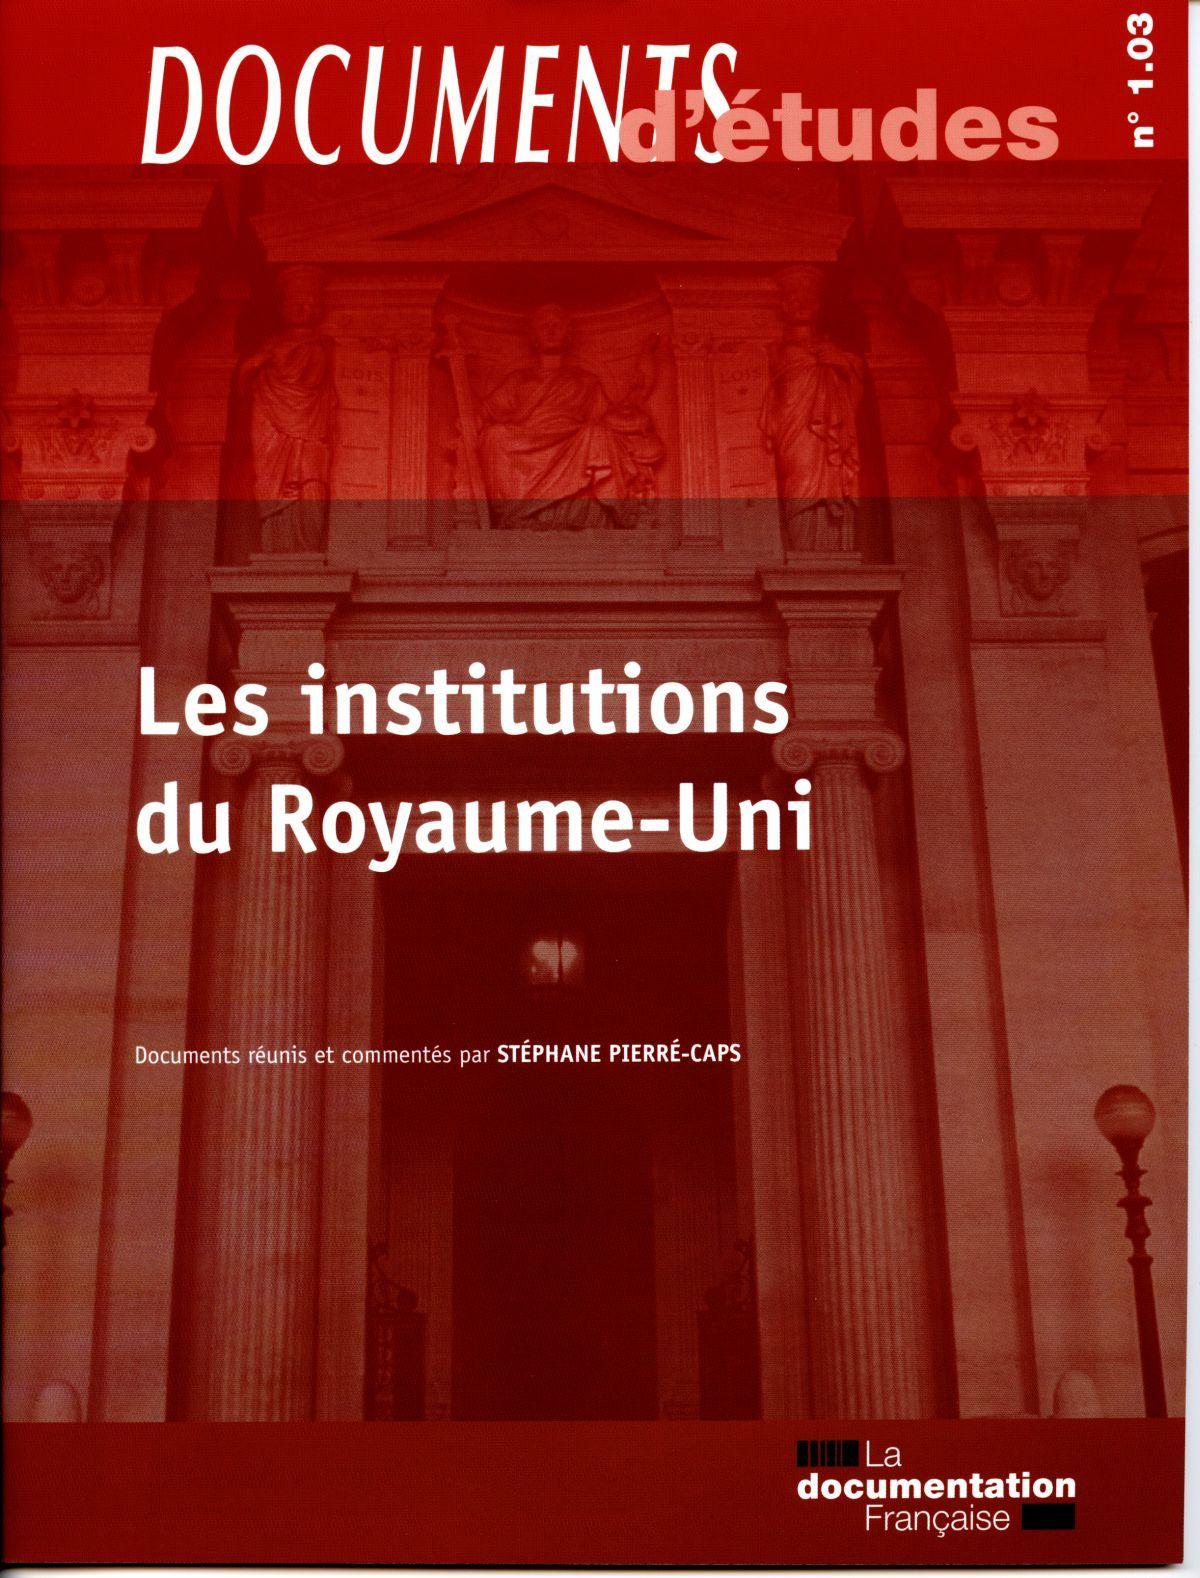 LES INSTITUTIONS DU ROYAUME-UNI - DOCUMENTS D'ETUDES N 1.03